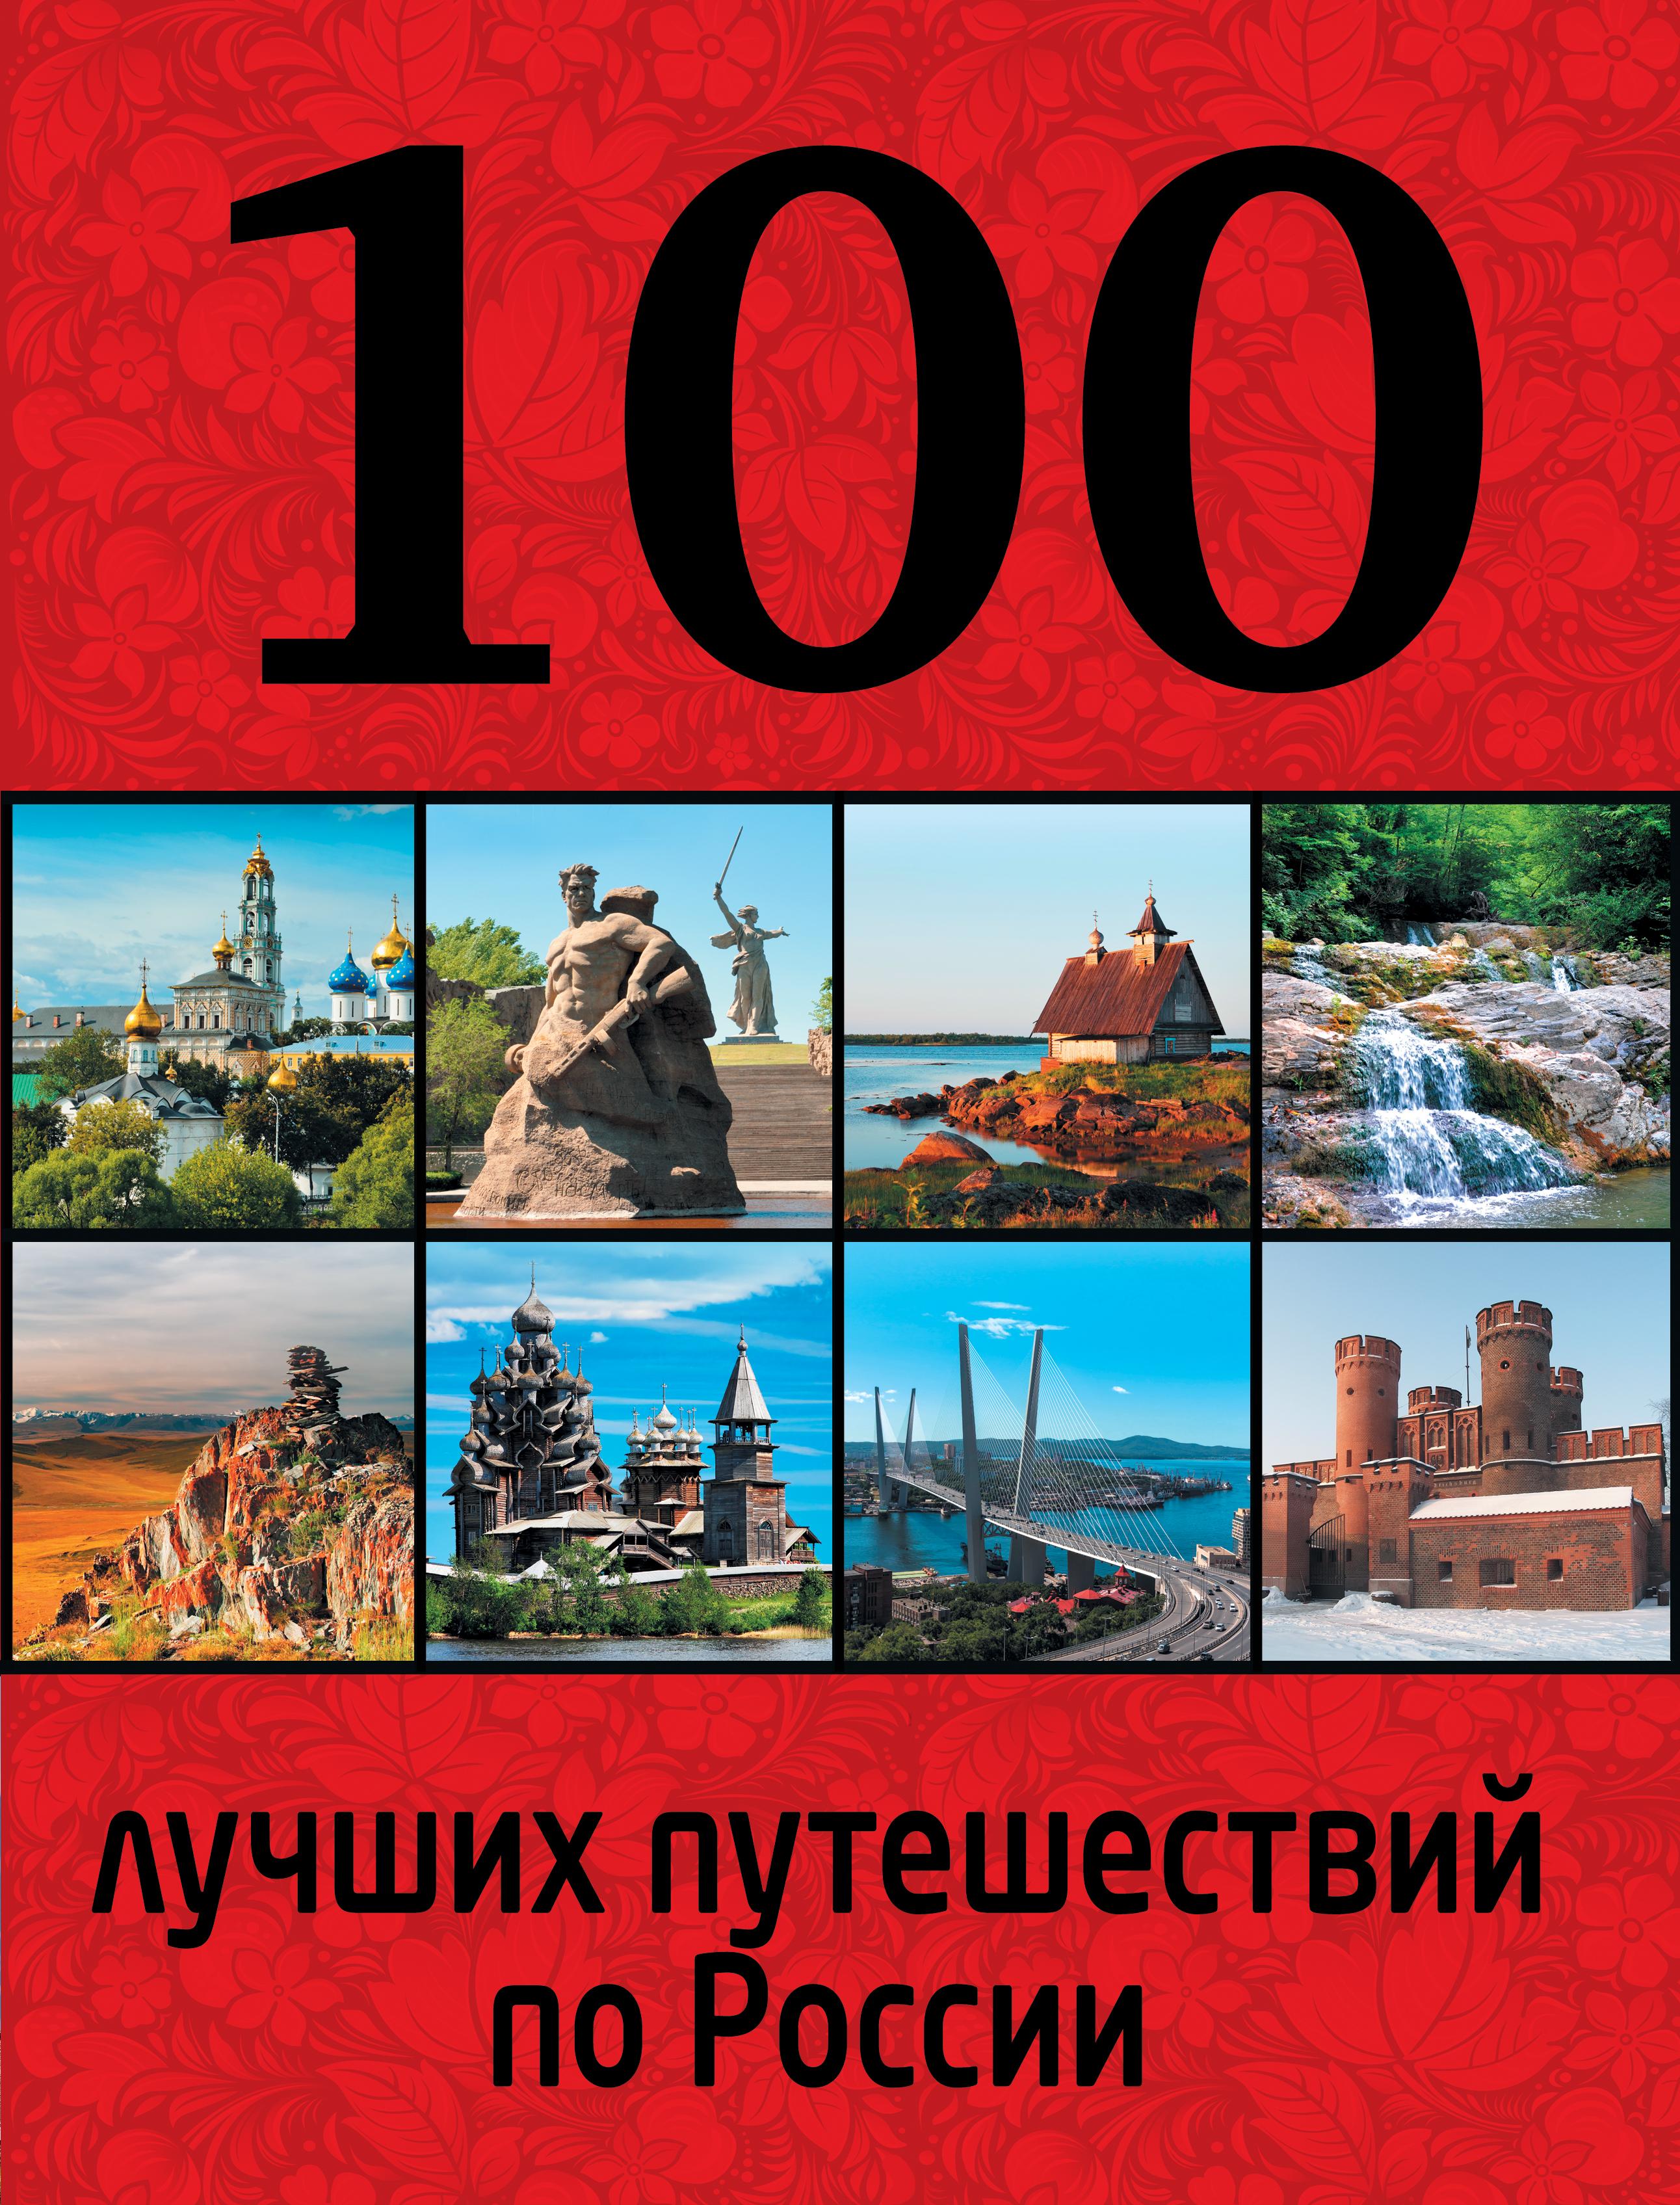 100 лучших путешествий по России